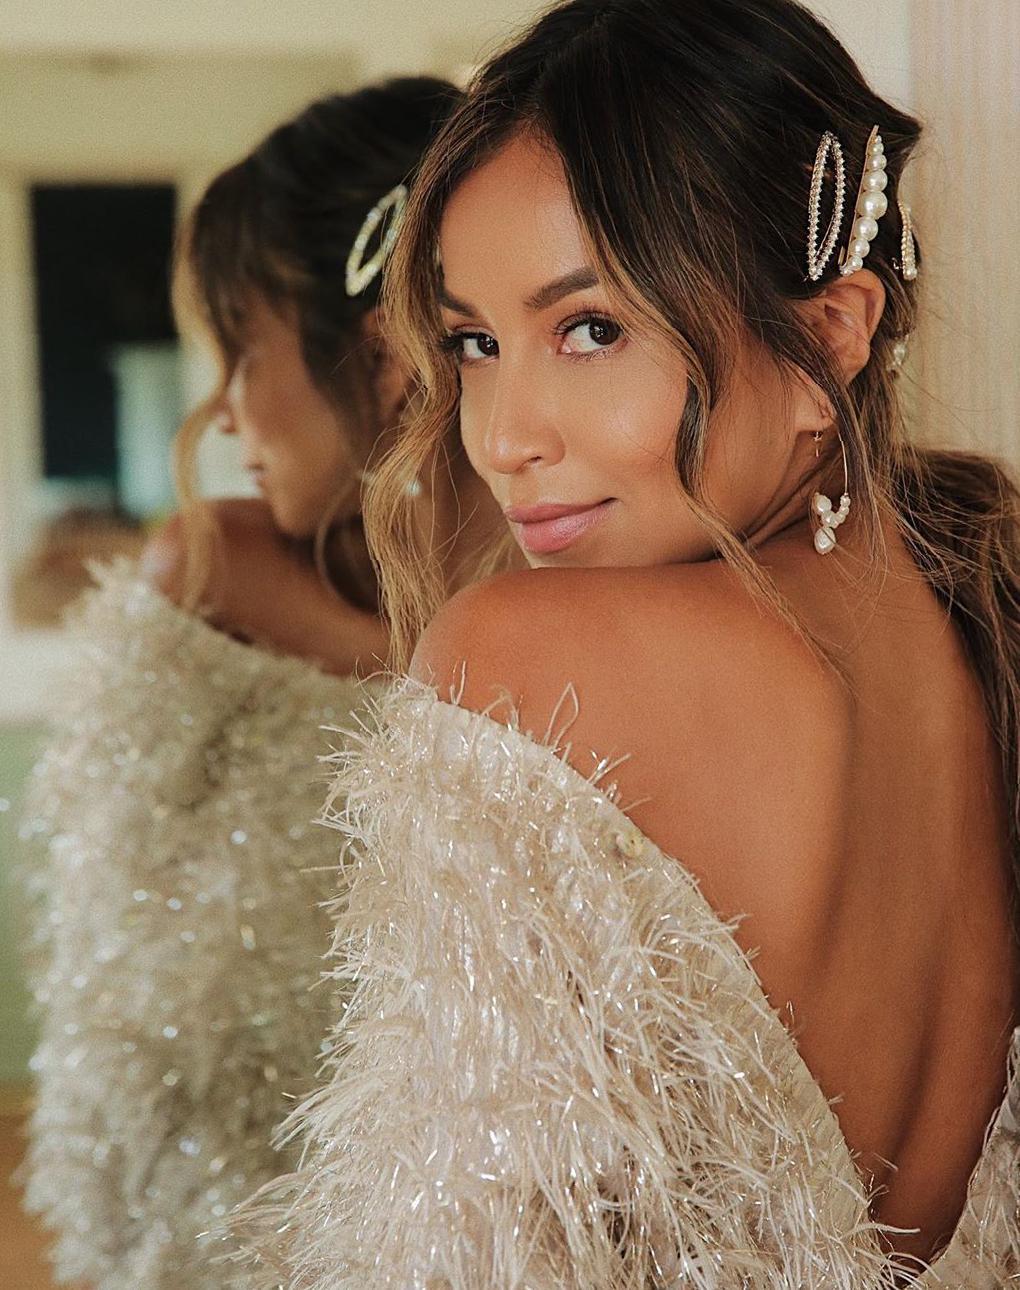 40 Fabulous Everyday Earrings You'll Never Swap Out earrings for women,girl's accessories,dangle earrings,statement earrings,silver earrings,aesthetic earrings,vintage earrings,